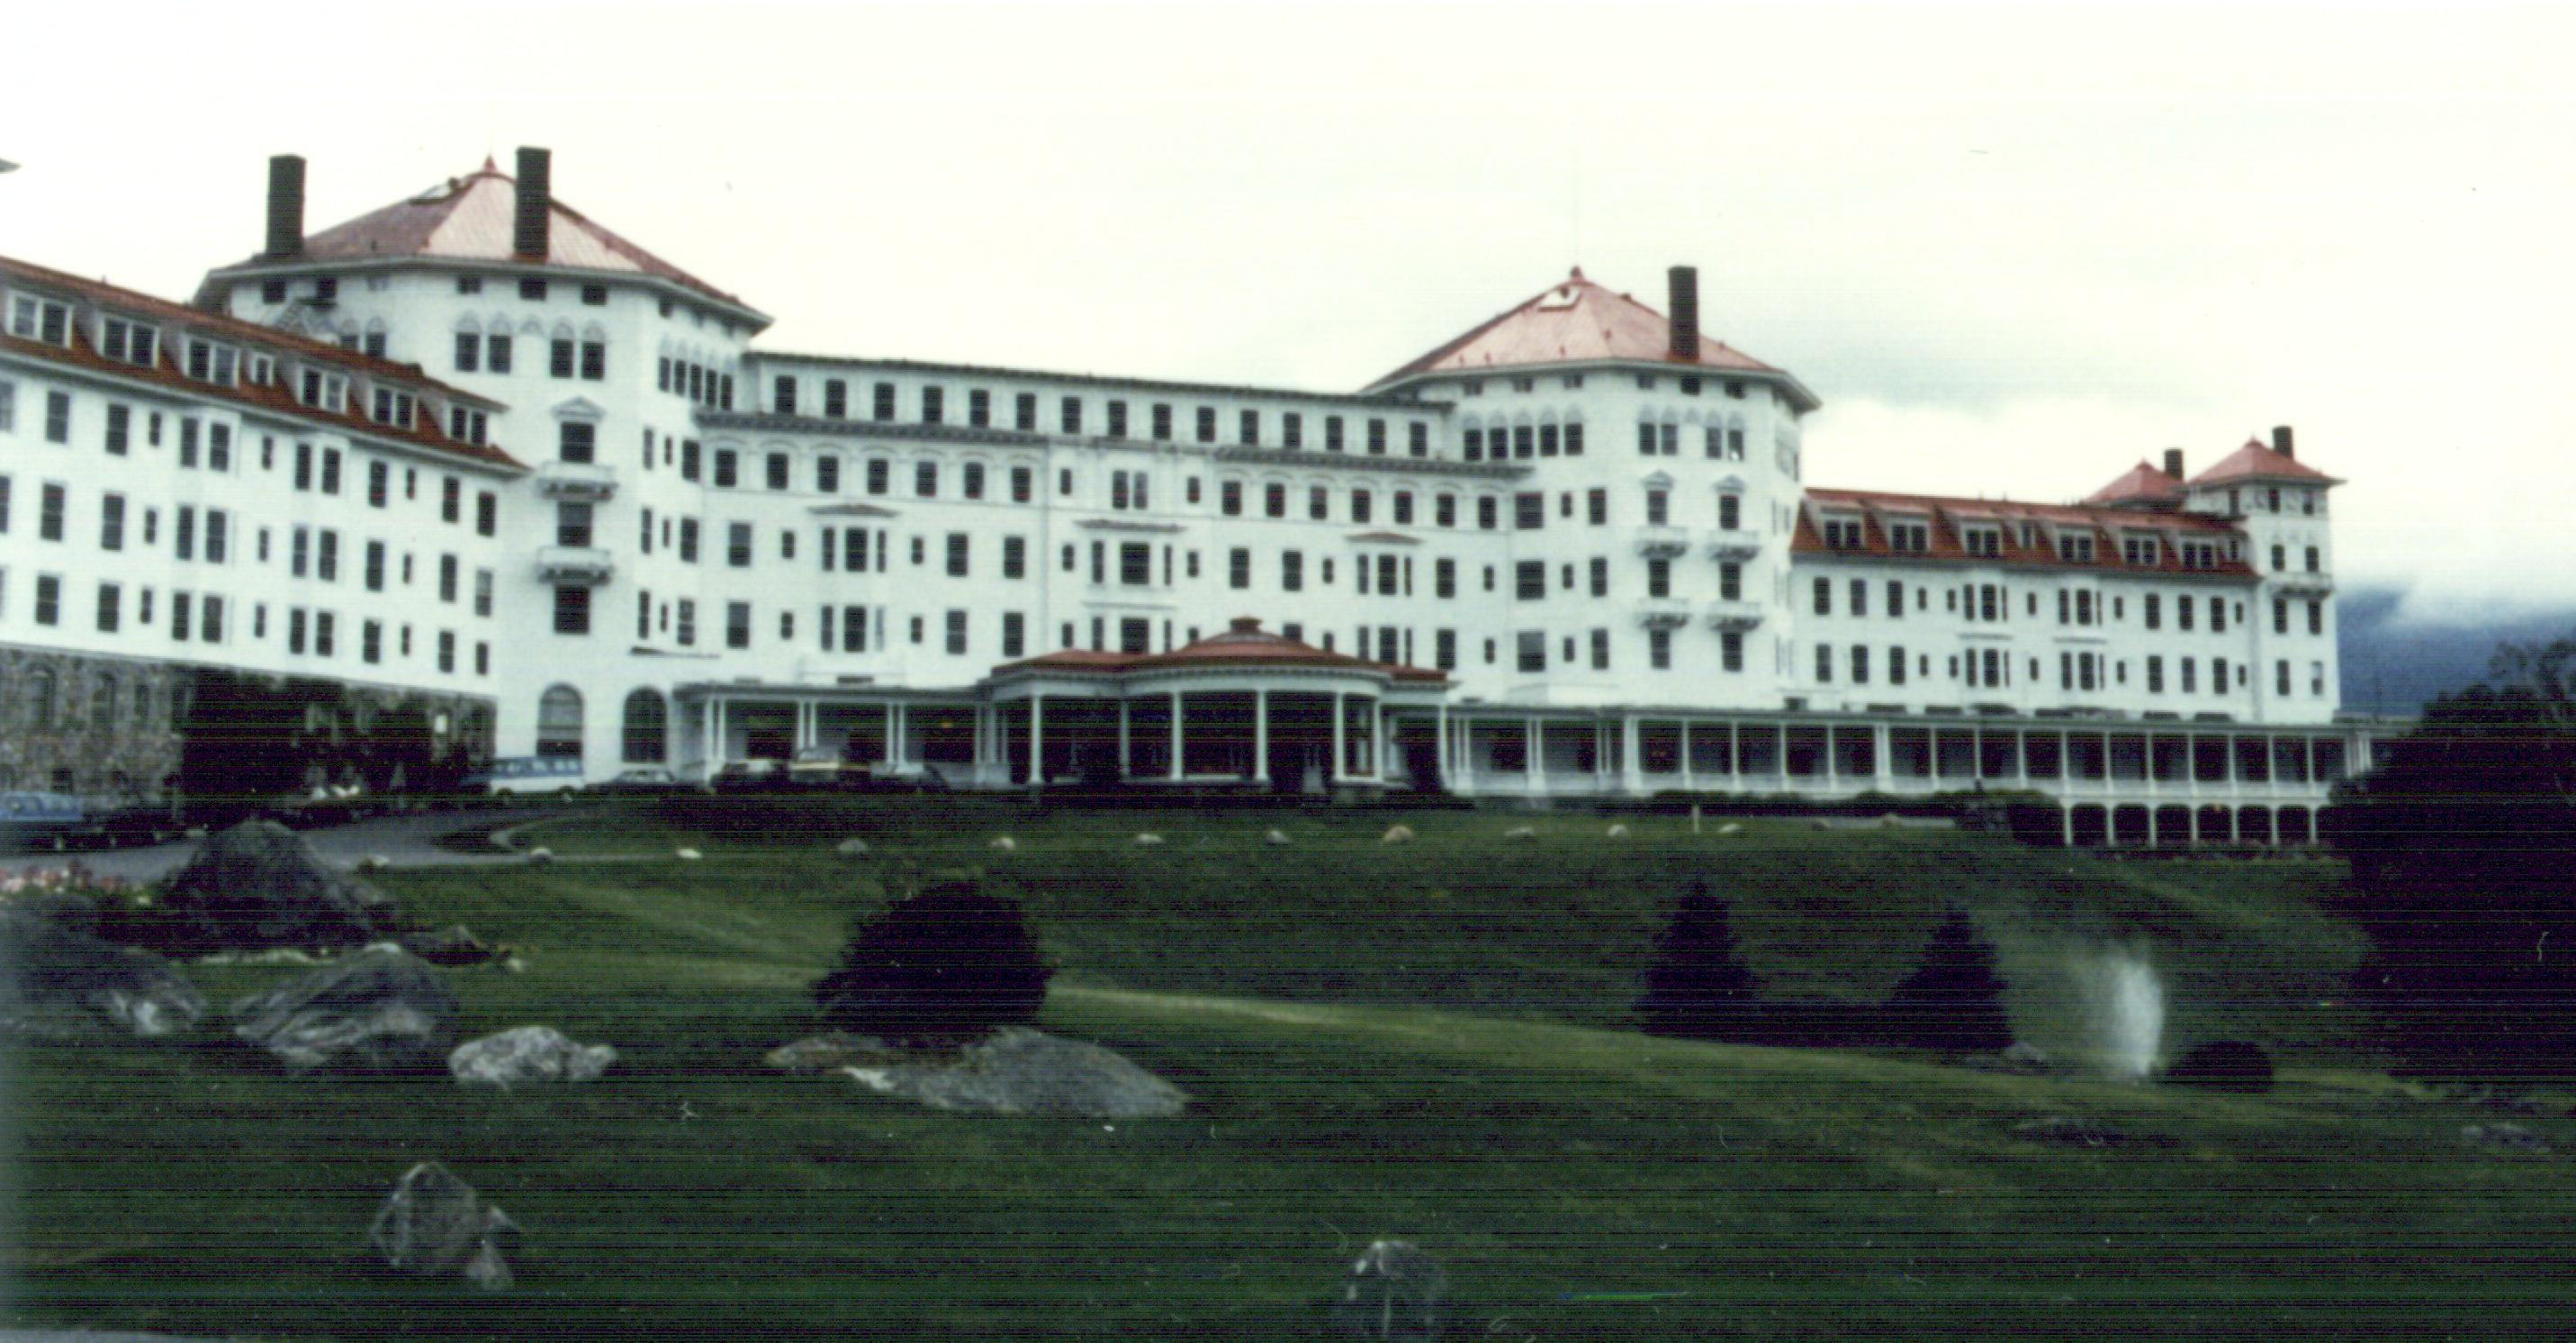 File:Image-Mount Washington Hotel.jpg - Wikimedia Commons